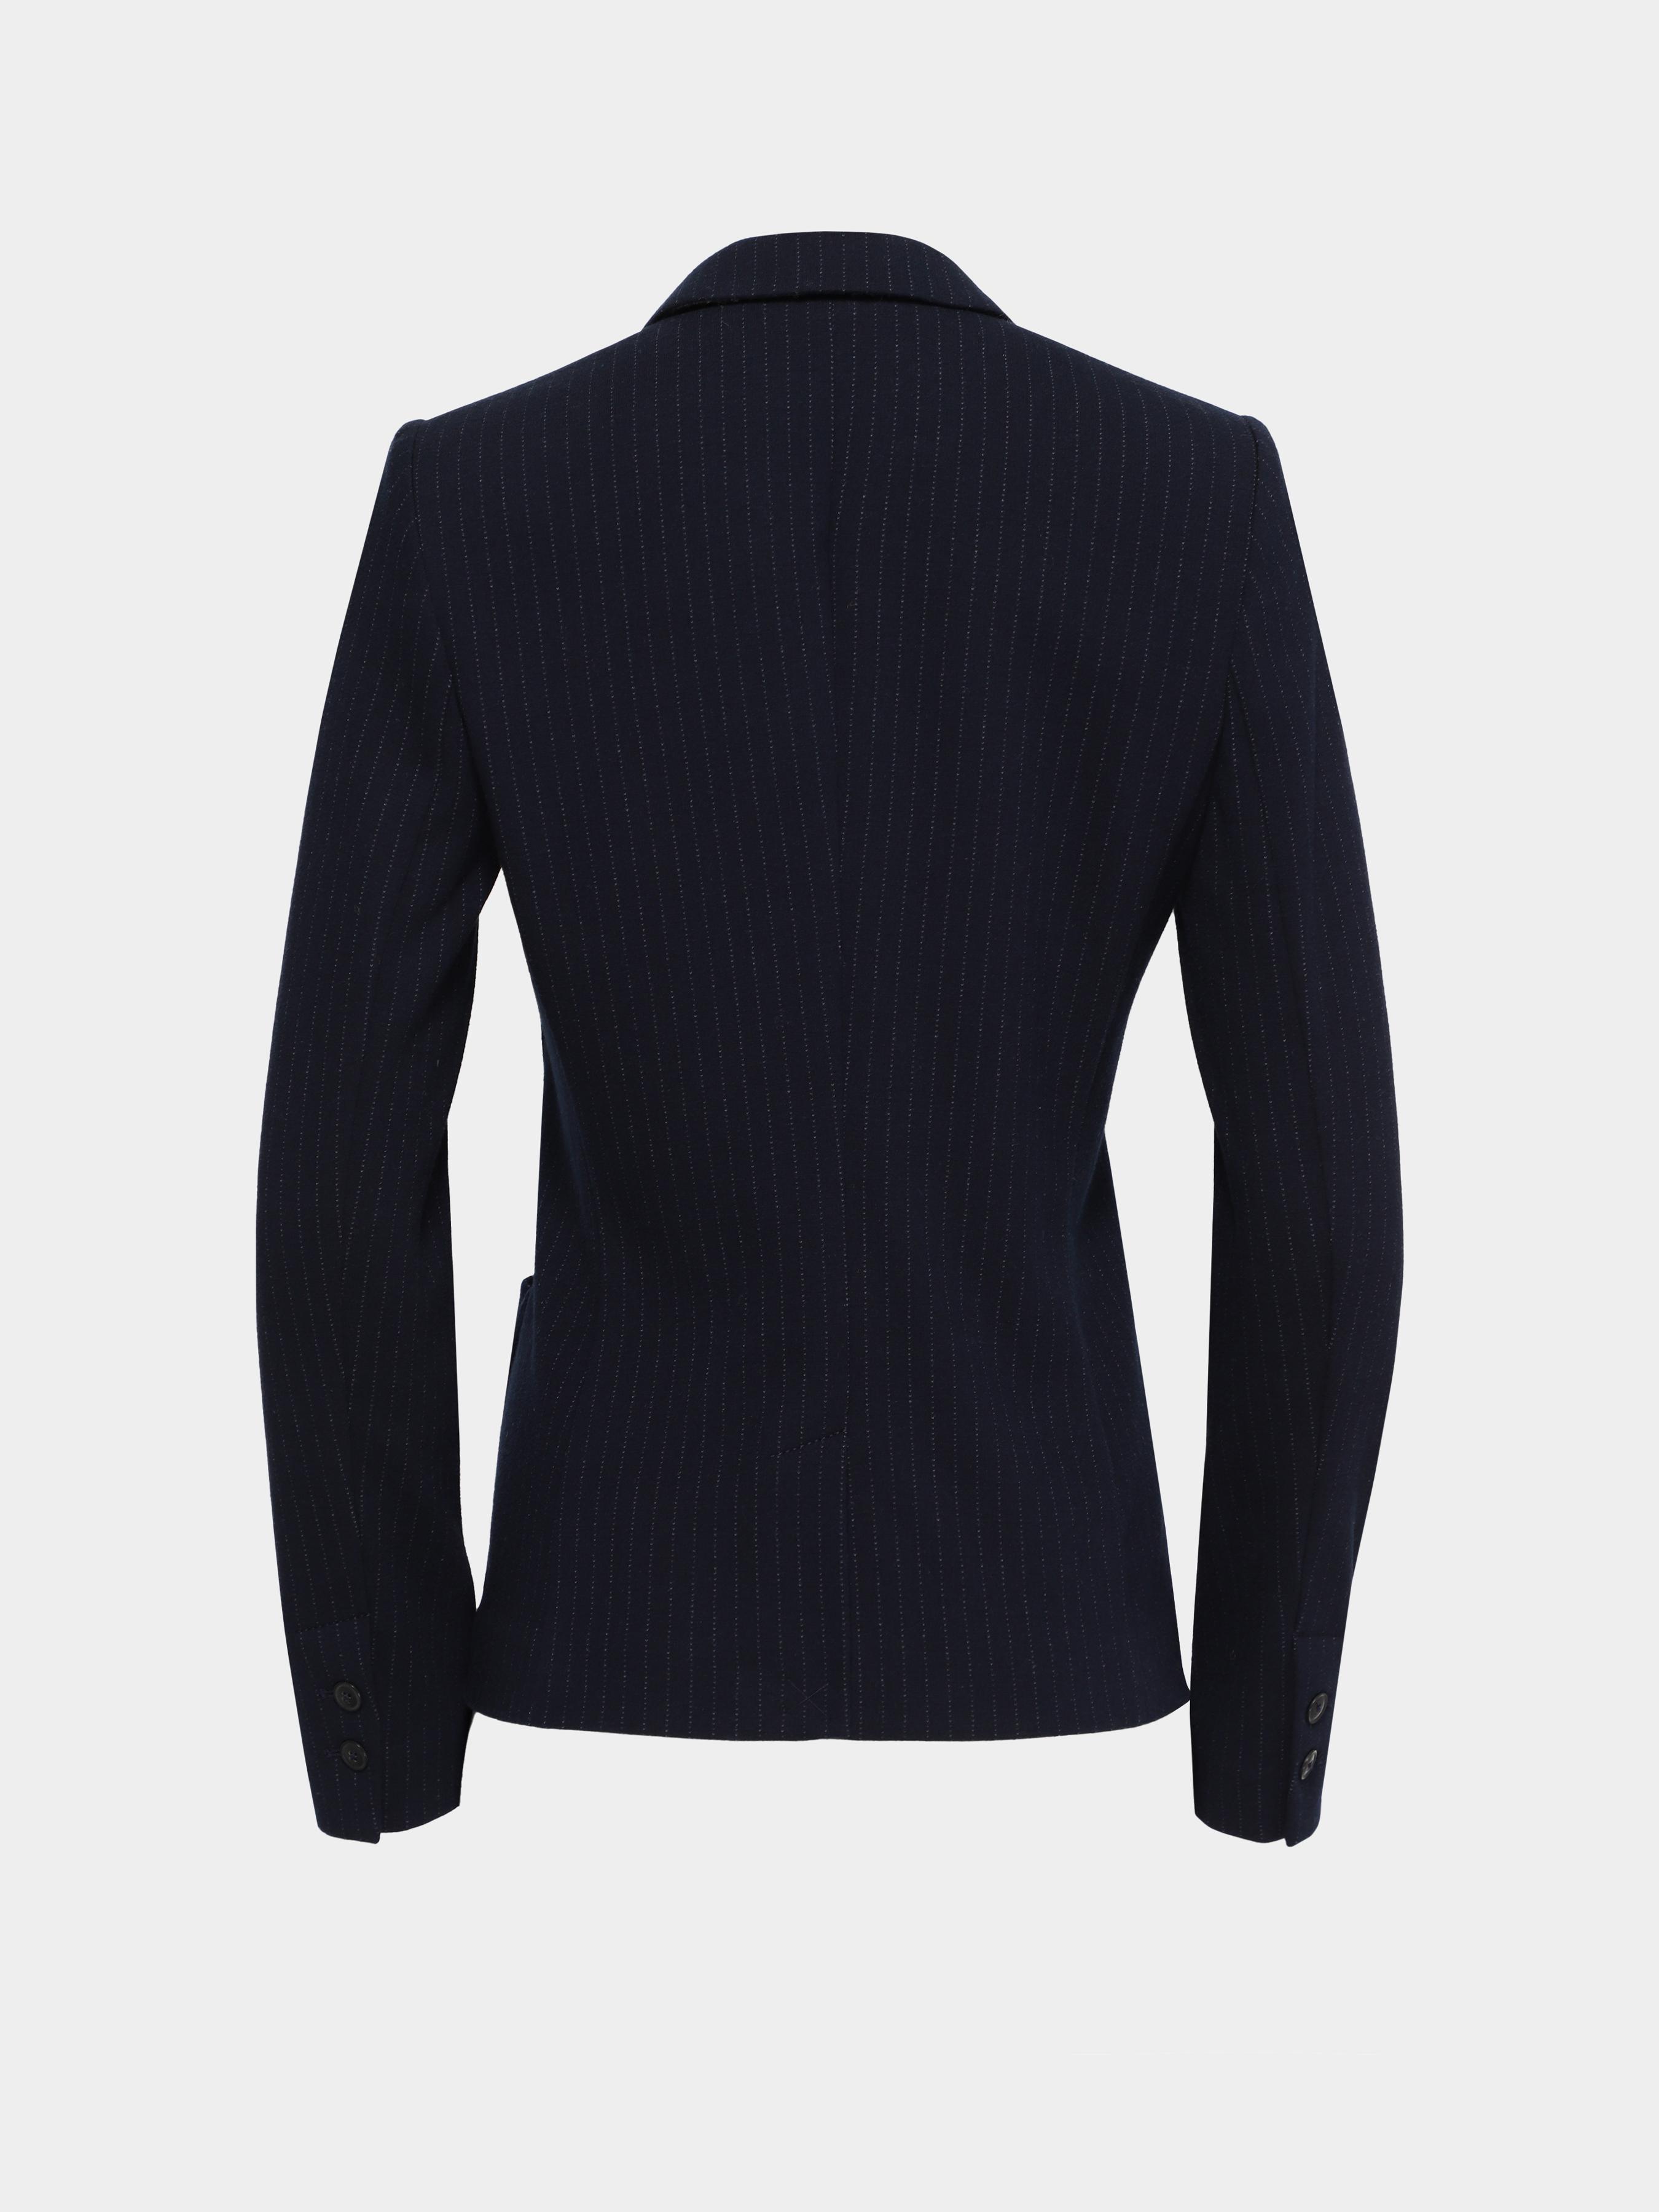 Пиджак женские MARC O'POLO модель 907415658015-863 качество, 2017